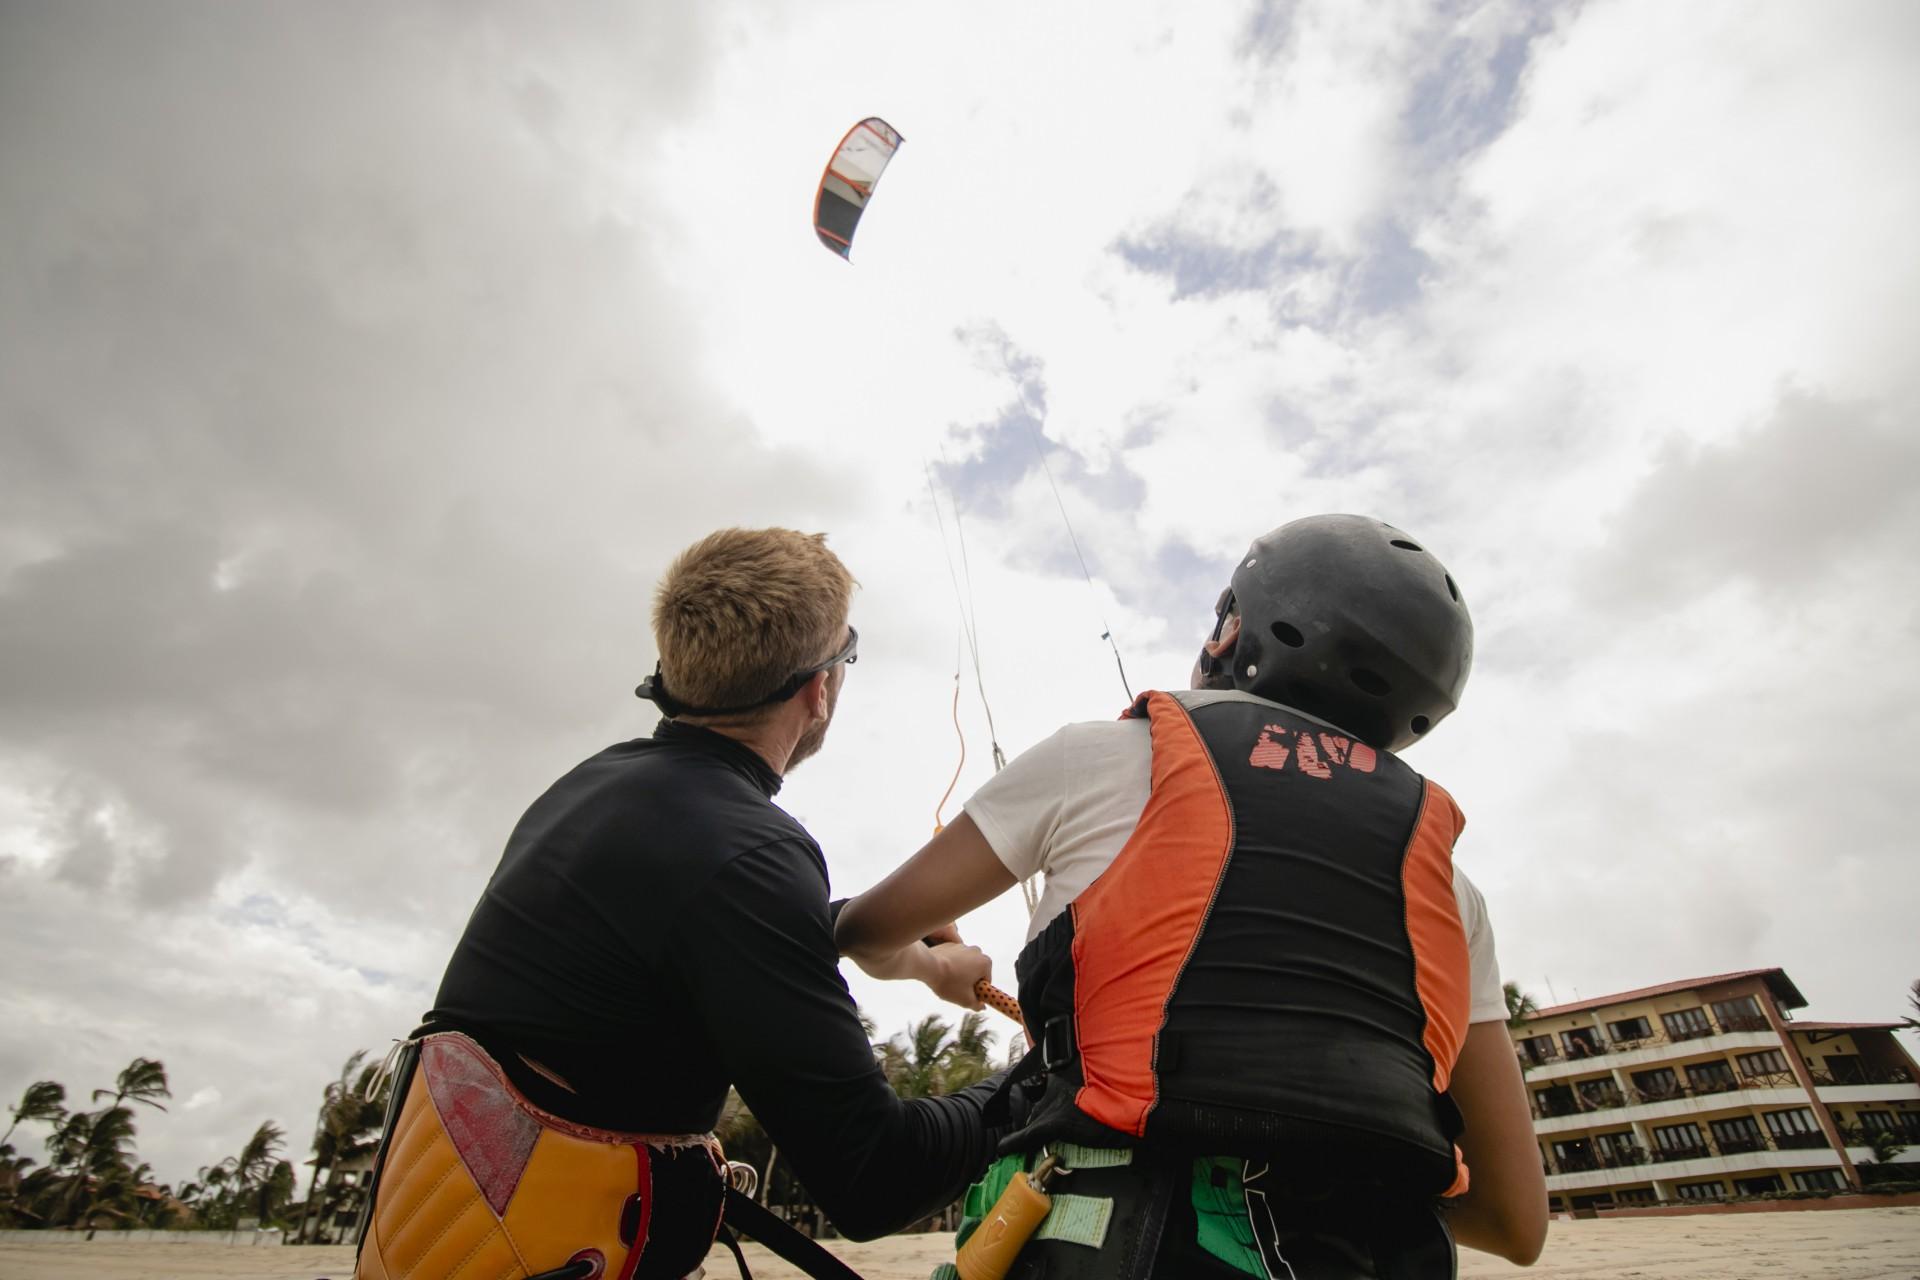 (Foto: Aurelio Alves)Janeiro 2021. Na praia do Cumbuco, em Caucaia, amantes dos esportes de aventura se reúne para a prática de esportes da água e do ar, como kitesurfe, windsurfe, wing foil